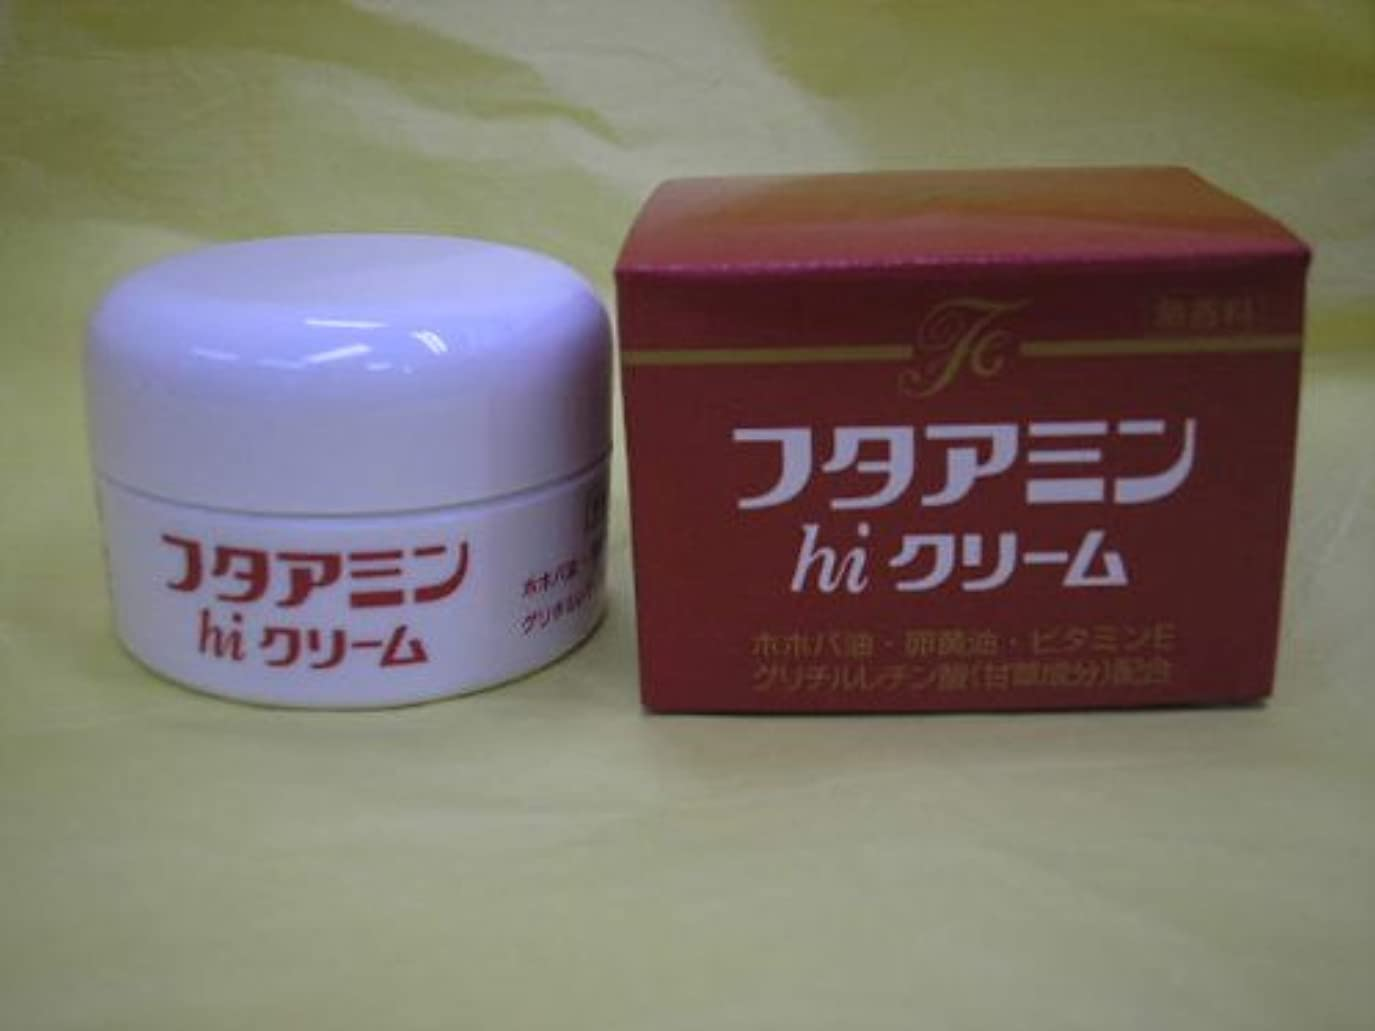 市民協力する麺フタアミンhiクリーム 55g(無香料)医薬部外品